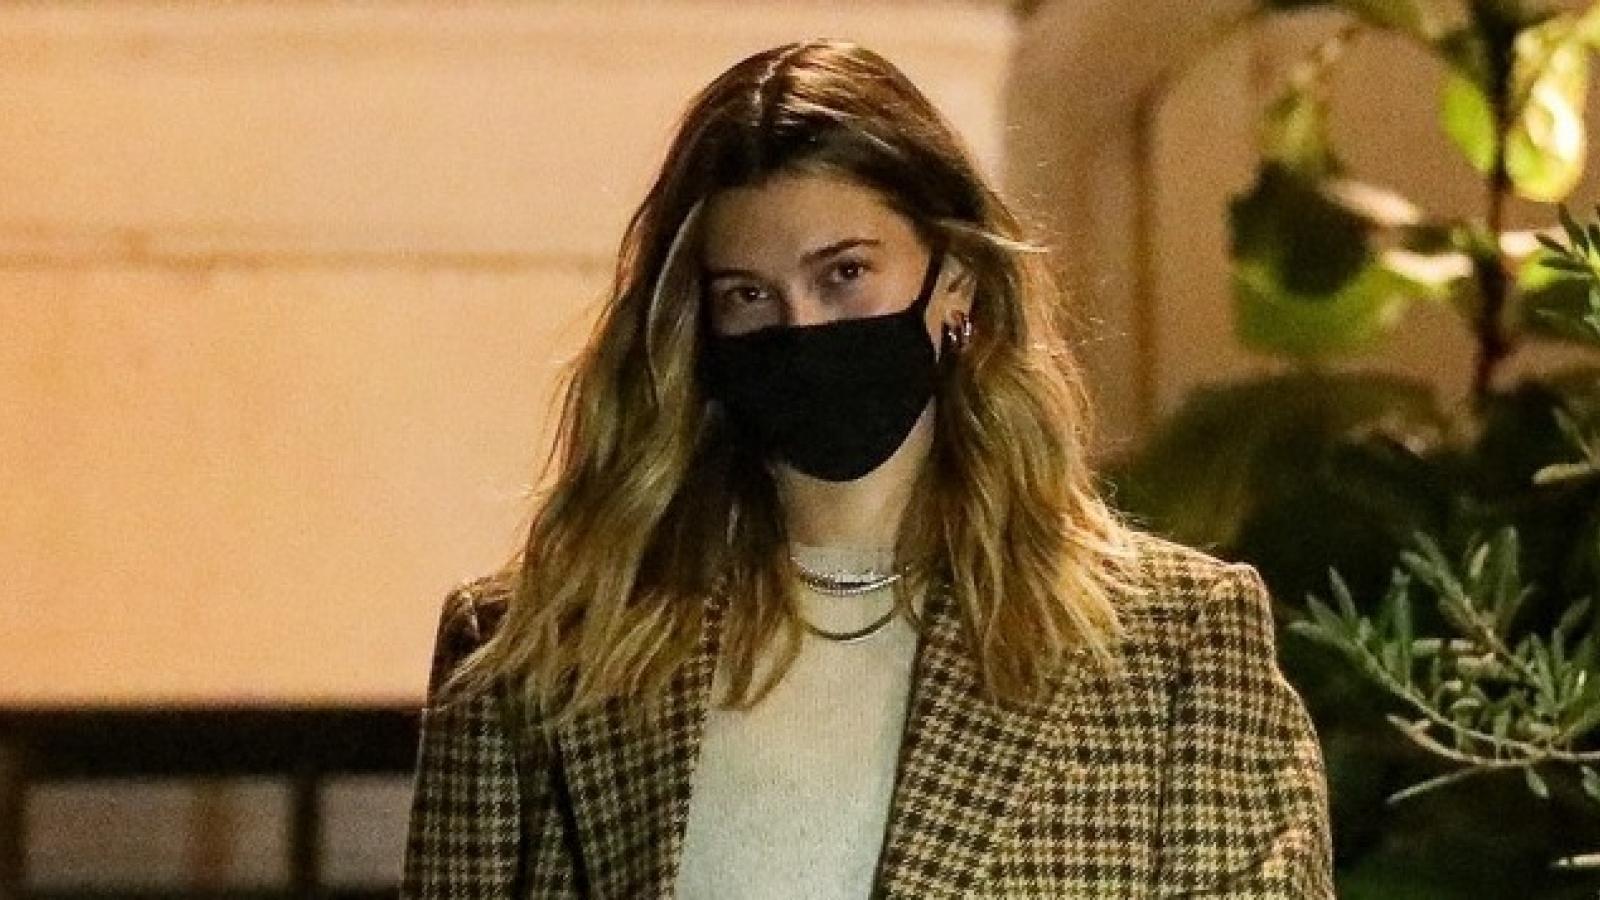 Bà xã Justin Bieber diện đồ cá tính sải bước trên phố lúc tối muộn